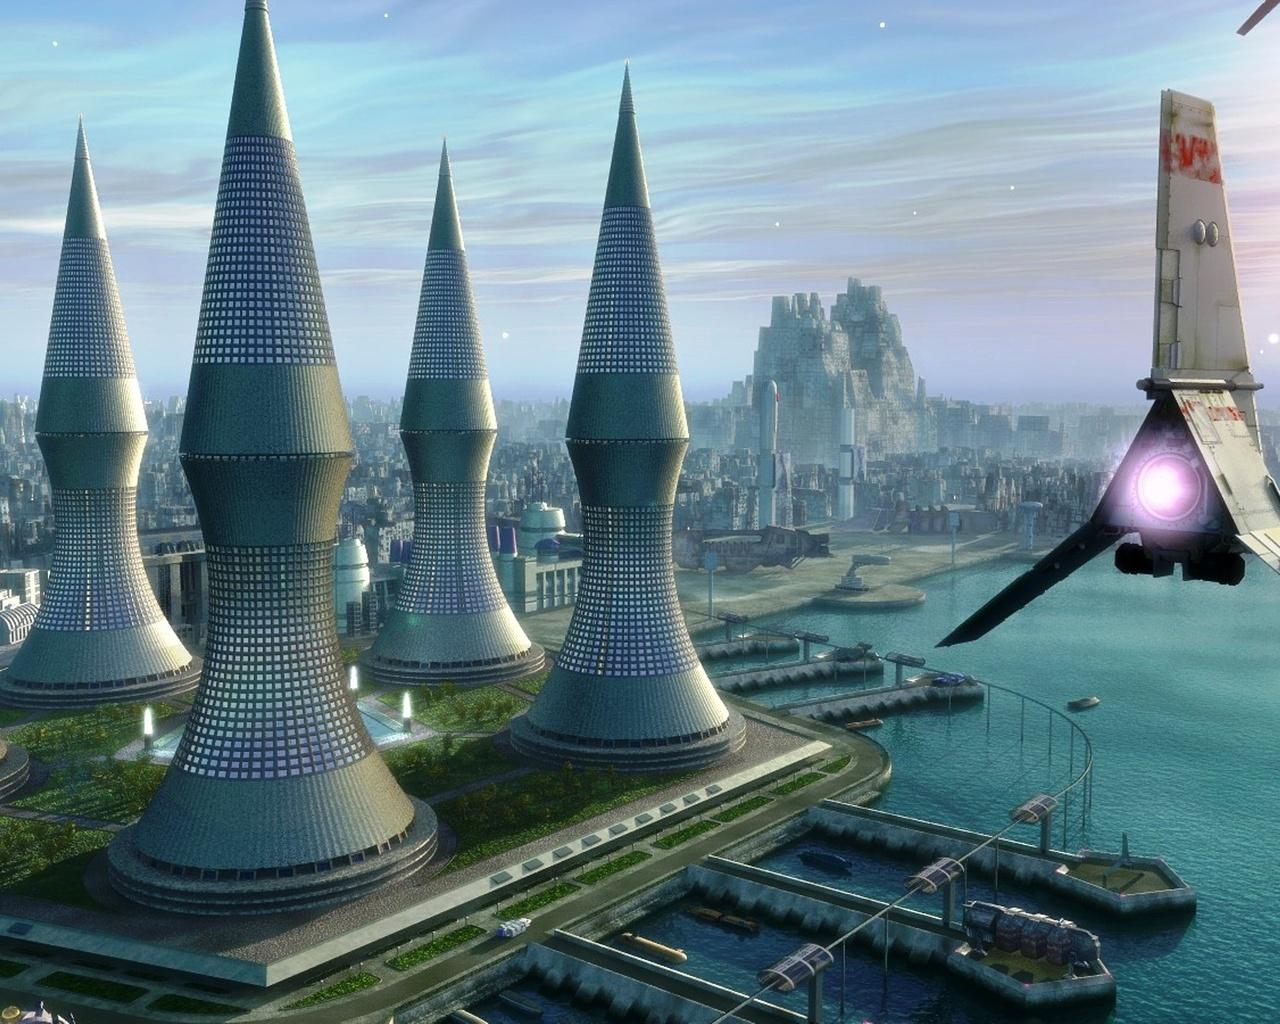 картинки будущее нашего города чтобы тебя поднялся